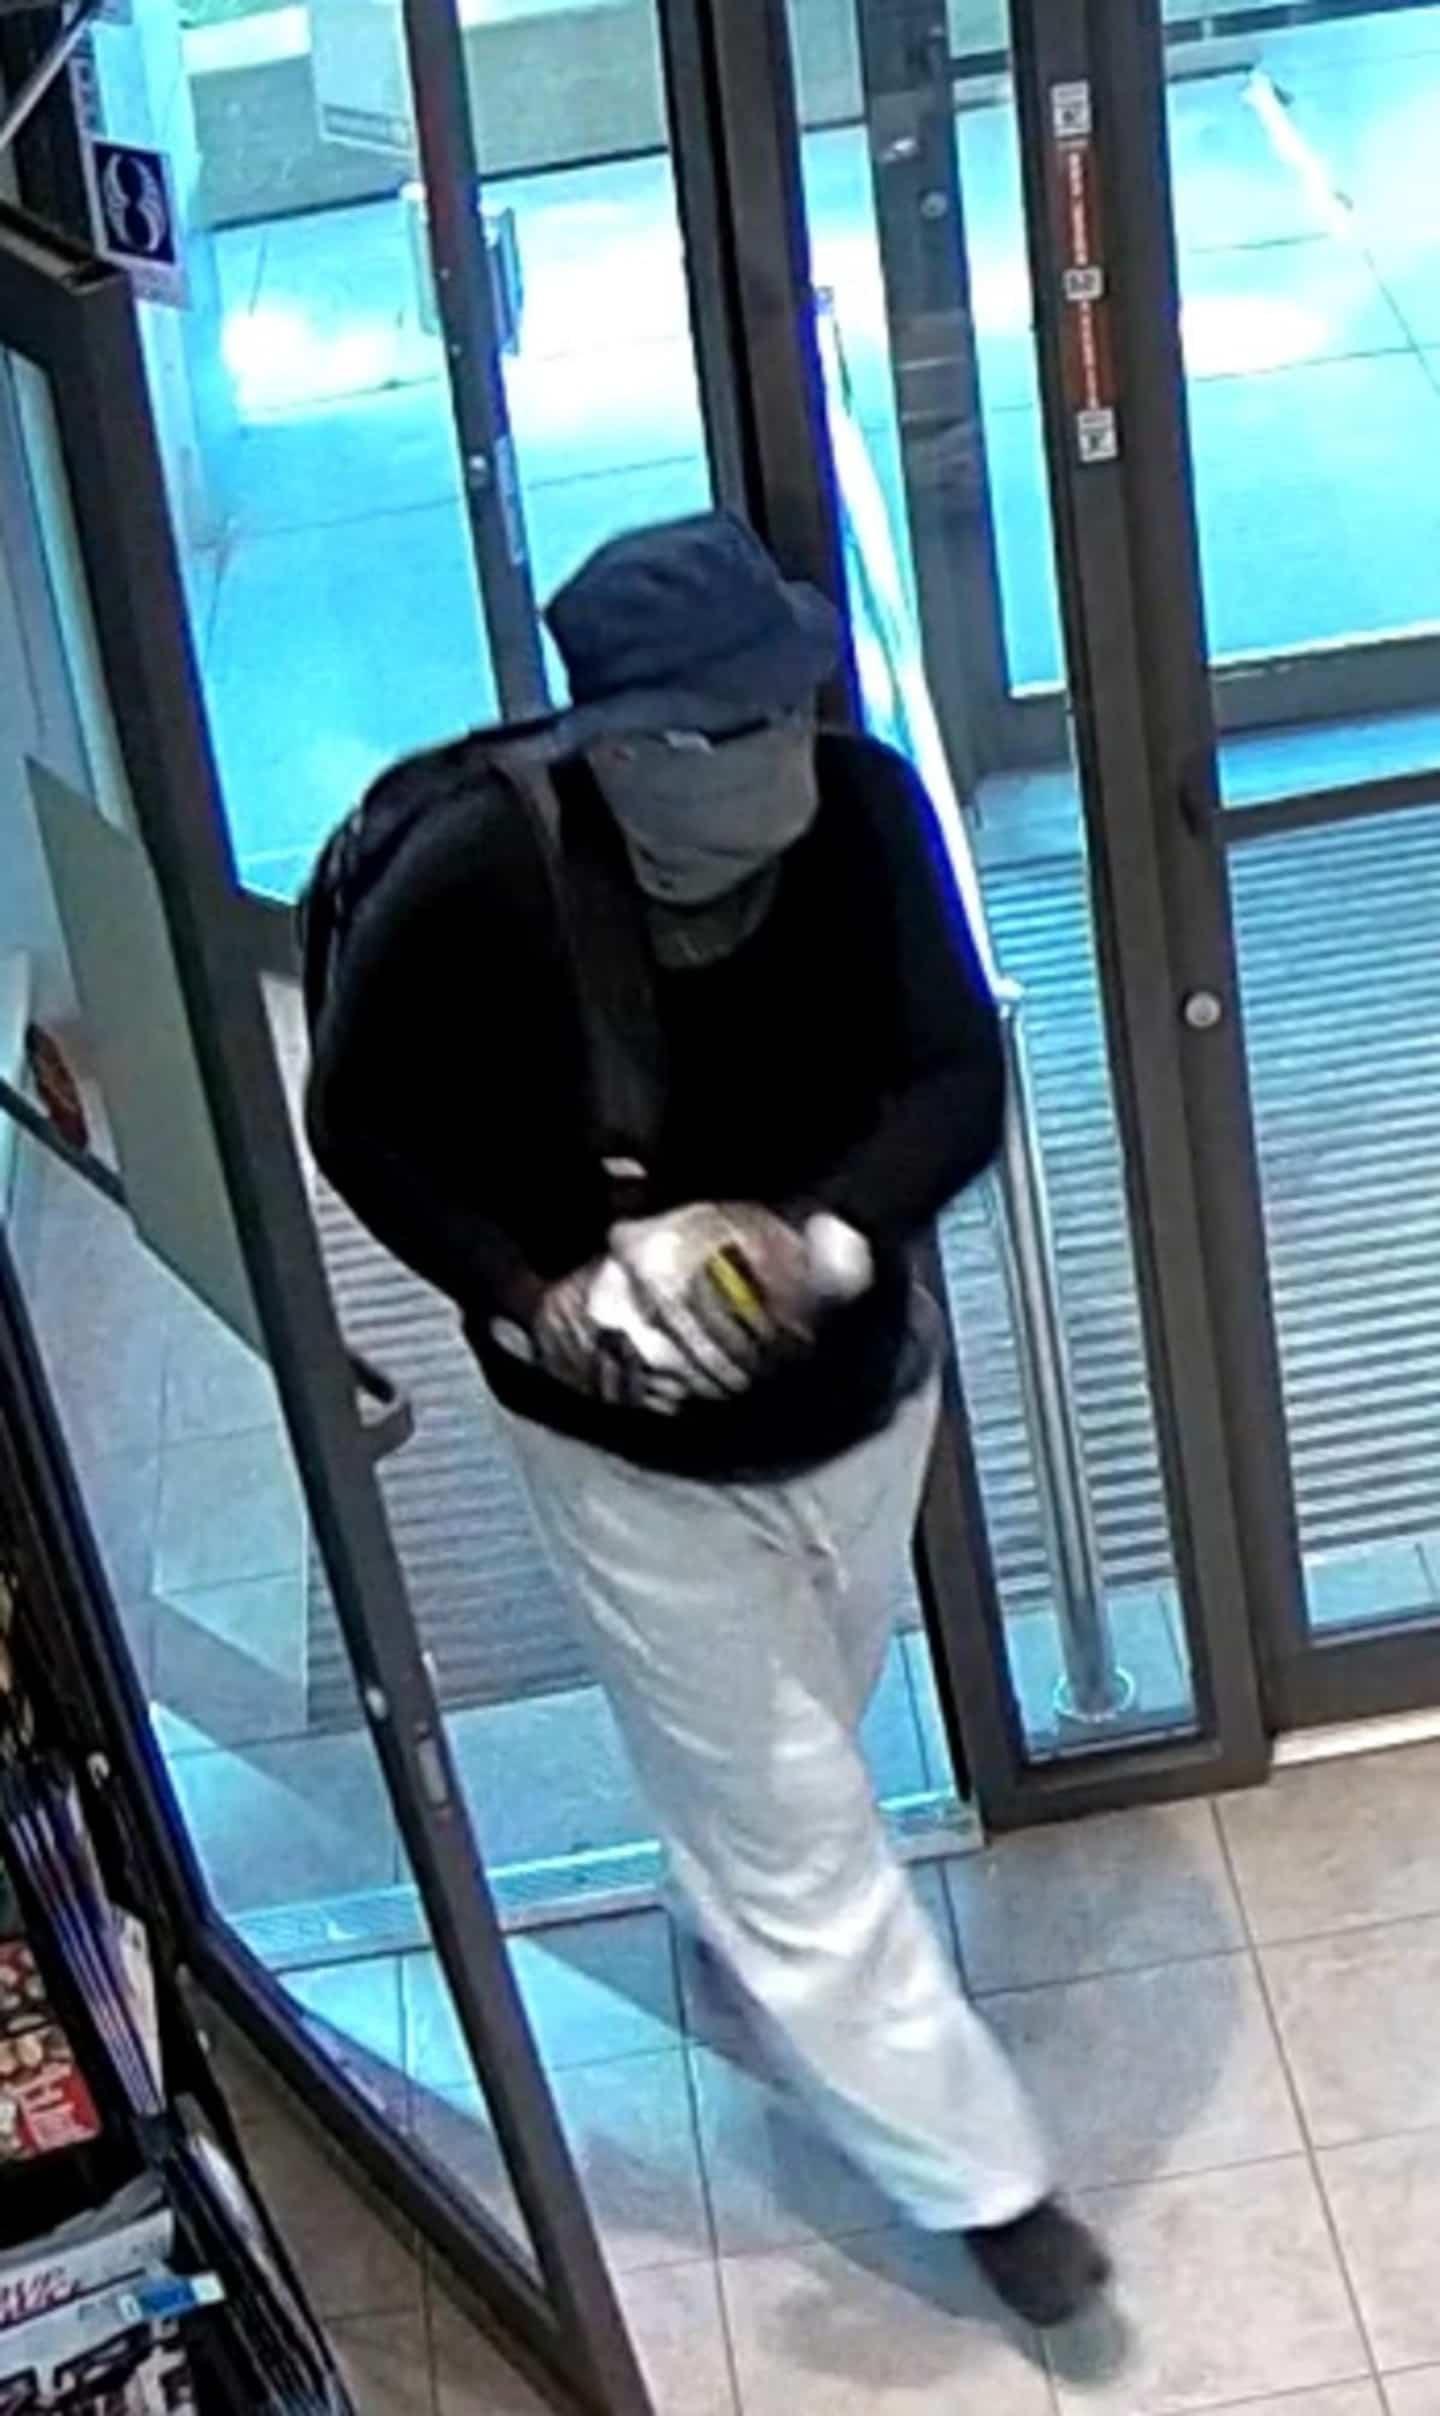 Des photos des suspects du vol qualifié dans une pharmacie dévoilées